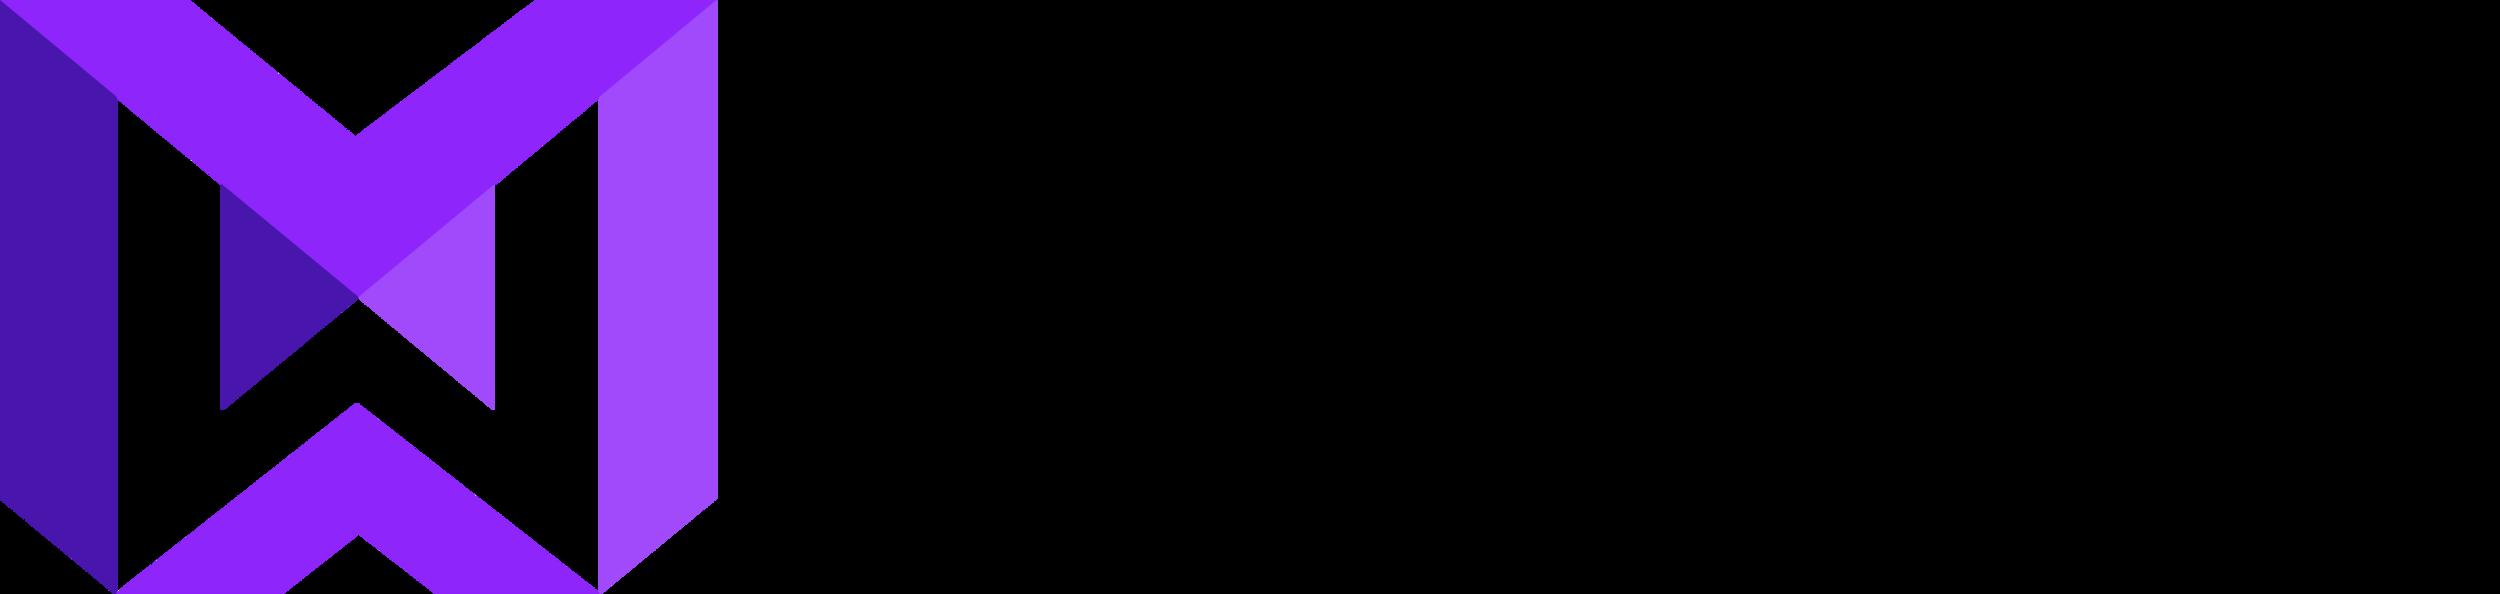 realwear logo.png